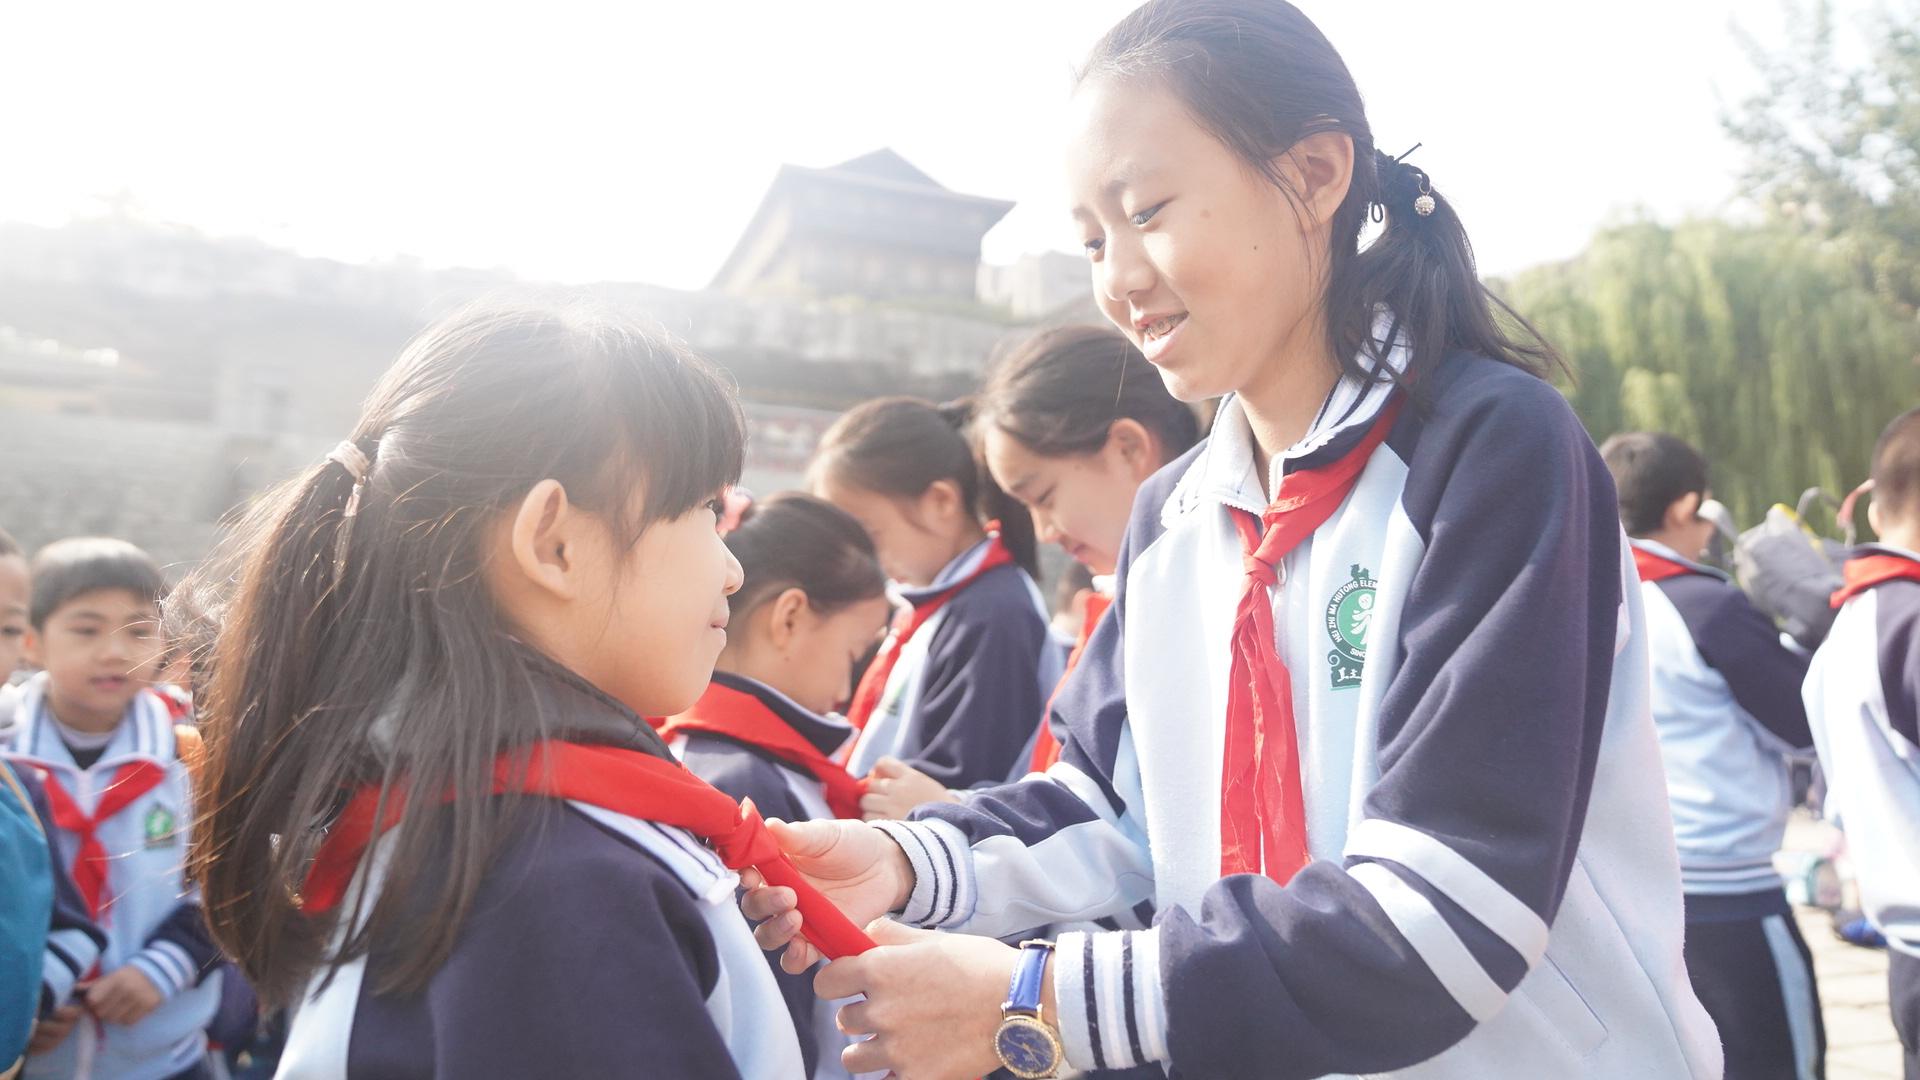 北京:黑芝麻胡同小学献礼中国少年先锋队建队70周年